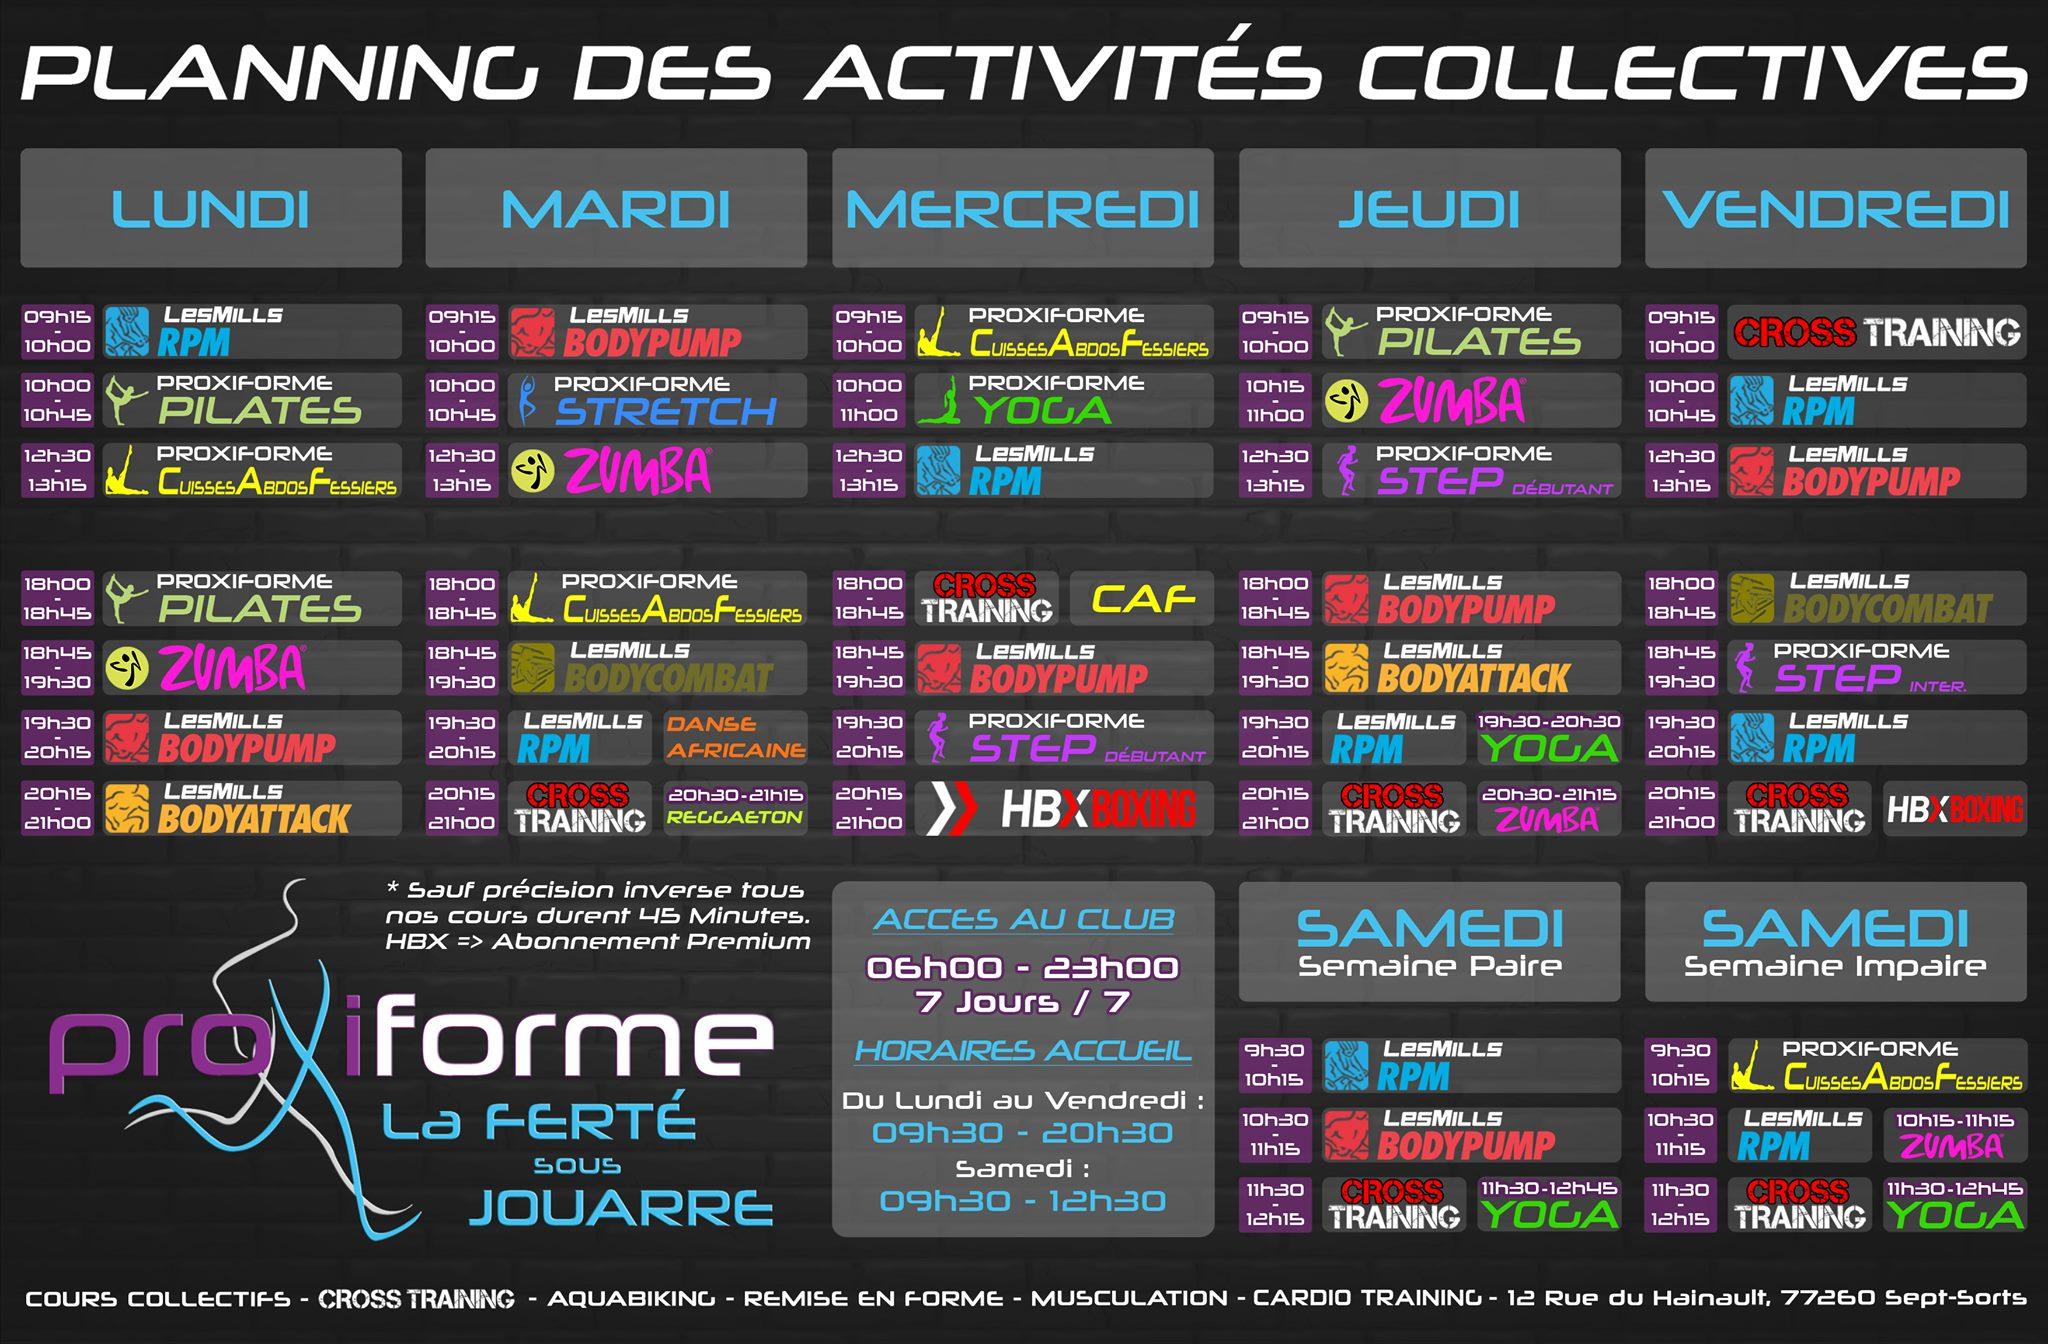 Planning des activités collectives Proxiforme La Ferté-sous-Jouarre